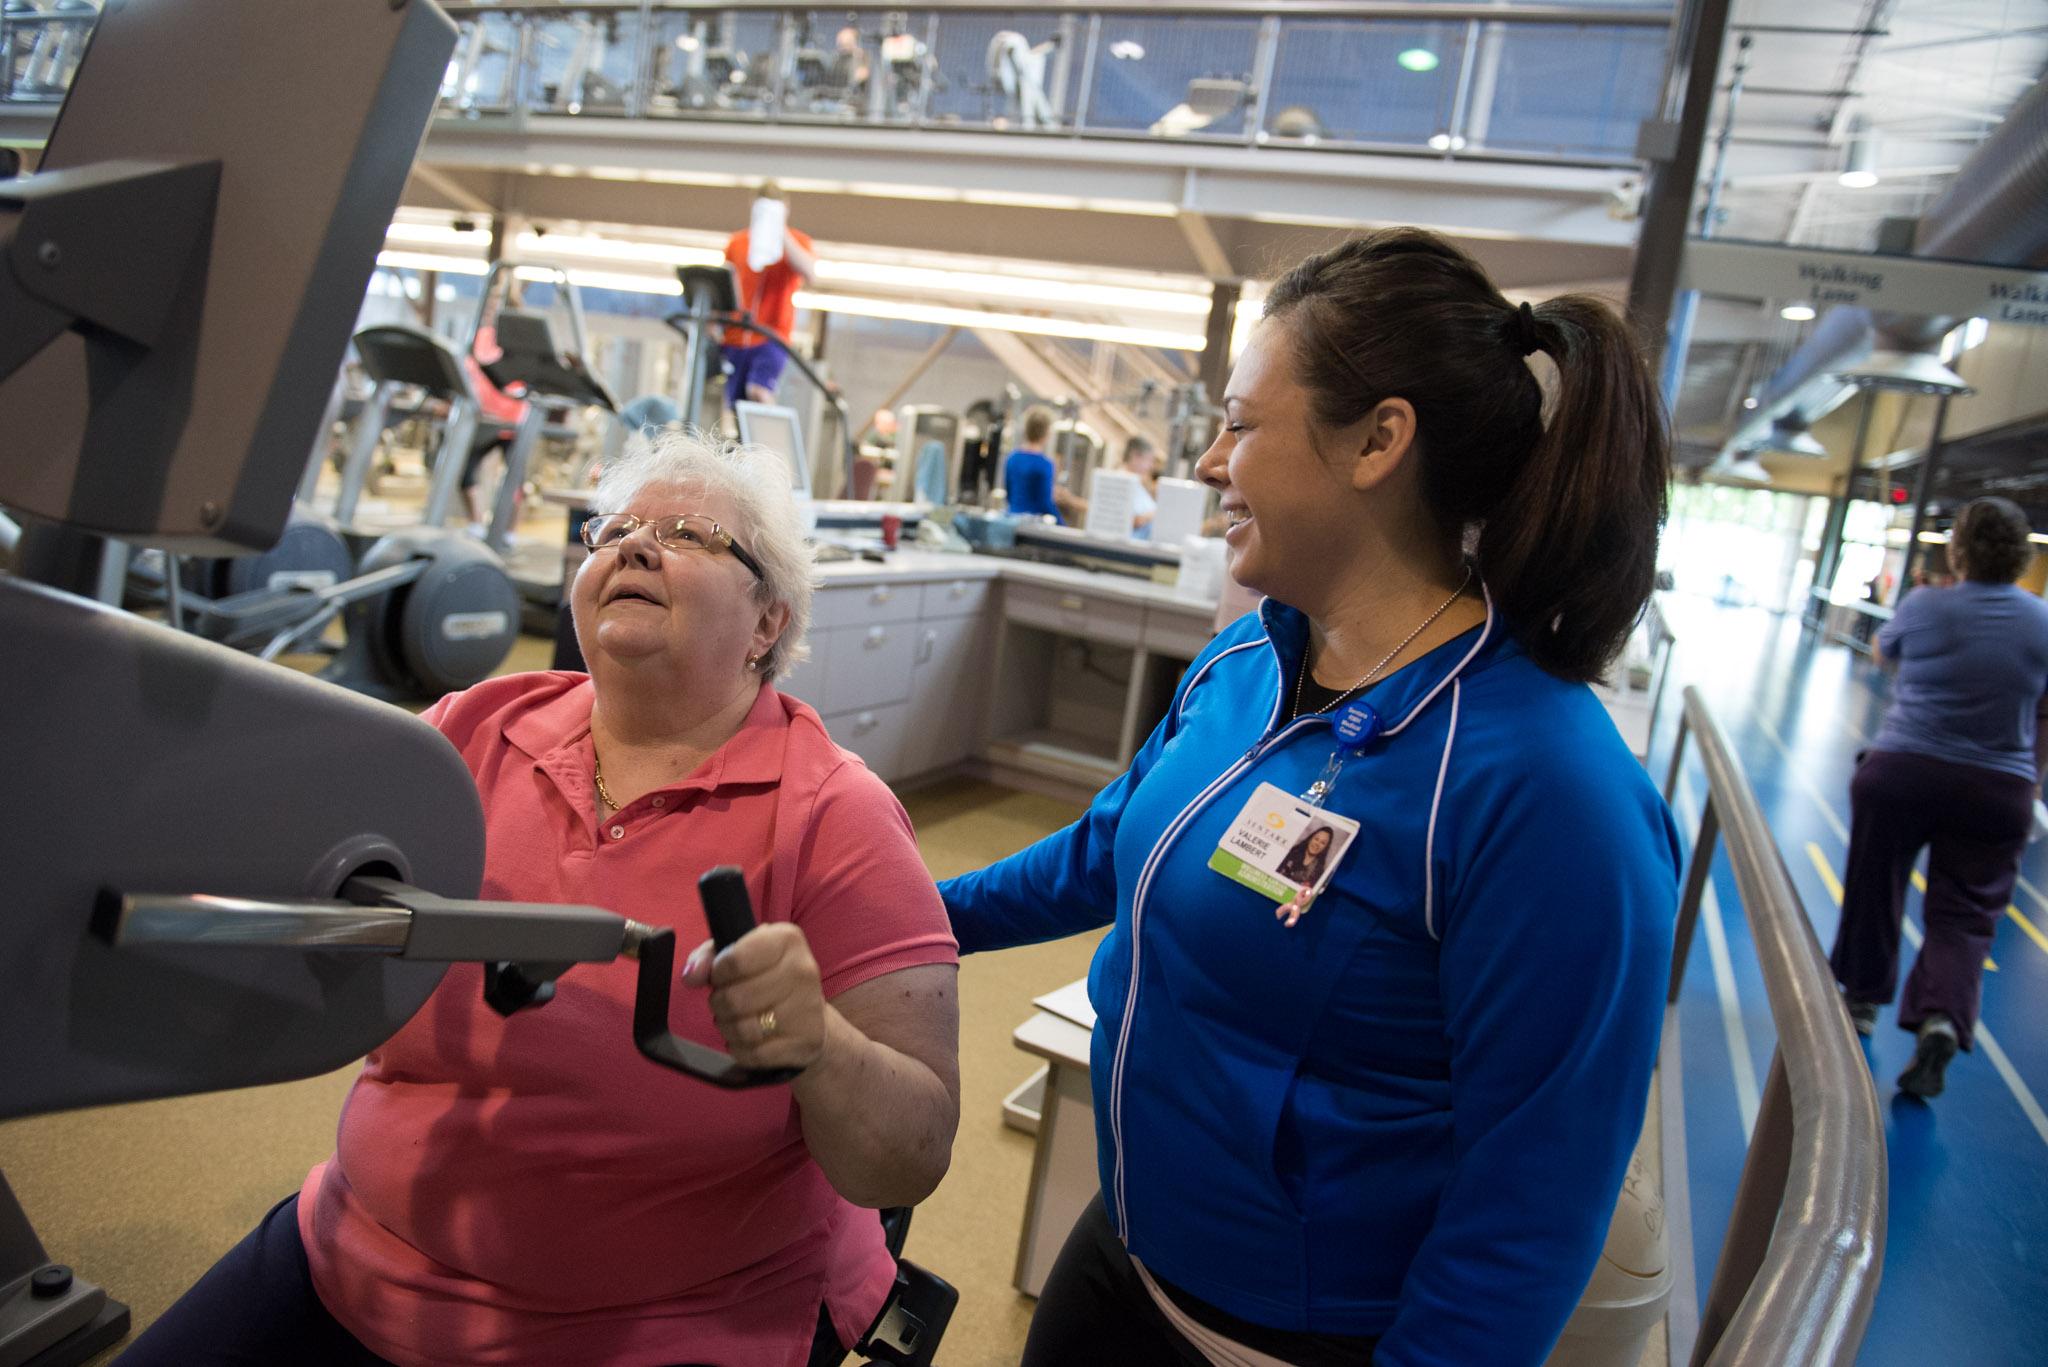 Wellness Center Stock Photos-1372.jpg